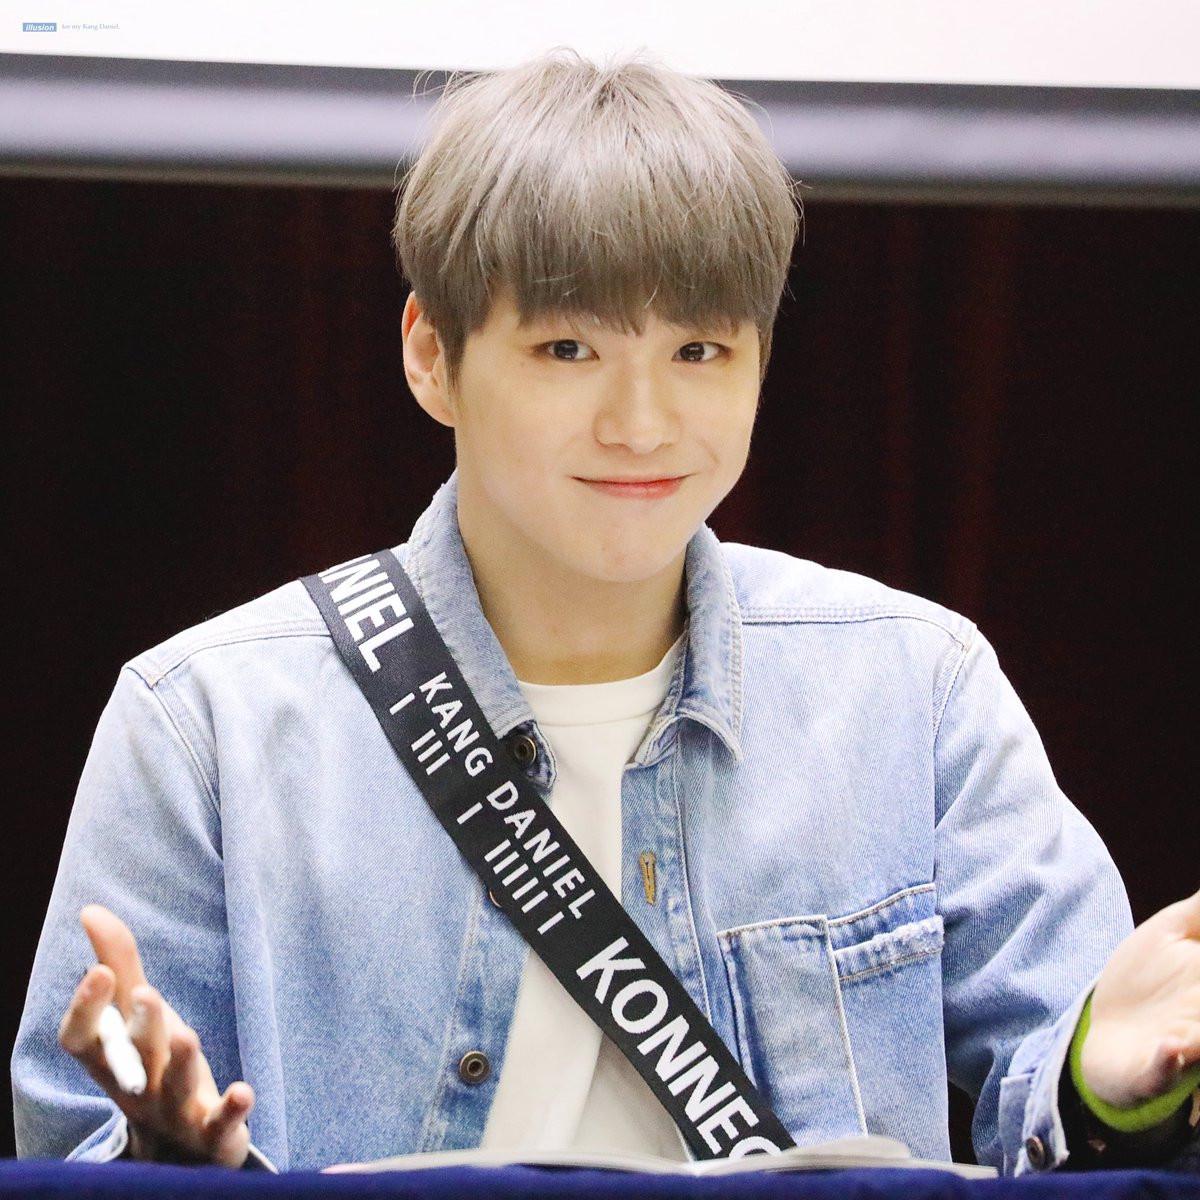 Center quốc dân Kang Daniel: Từ dancer phụ họa nghệ sĩ đến bạn trai nữ thần Jihyo (TWICE)